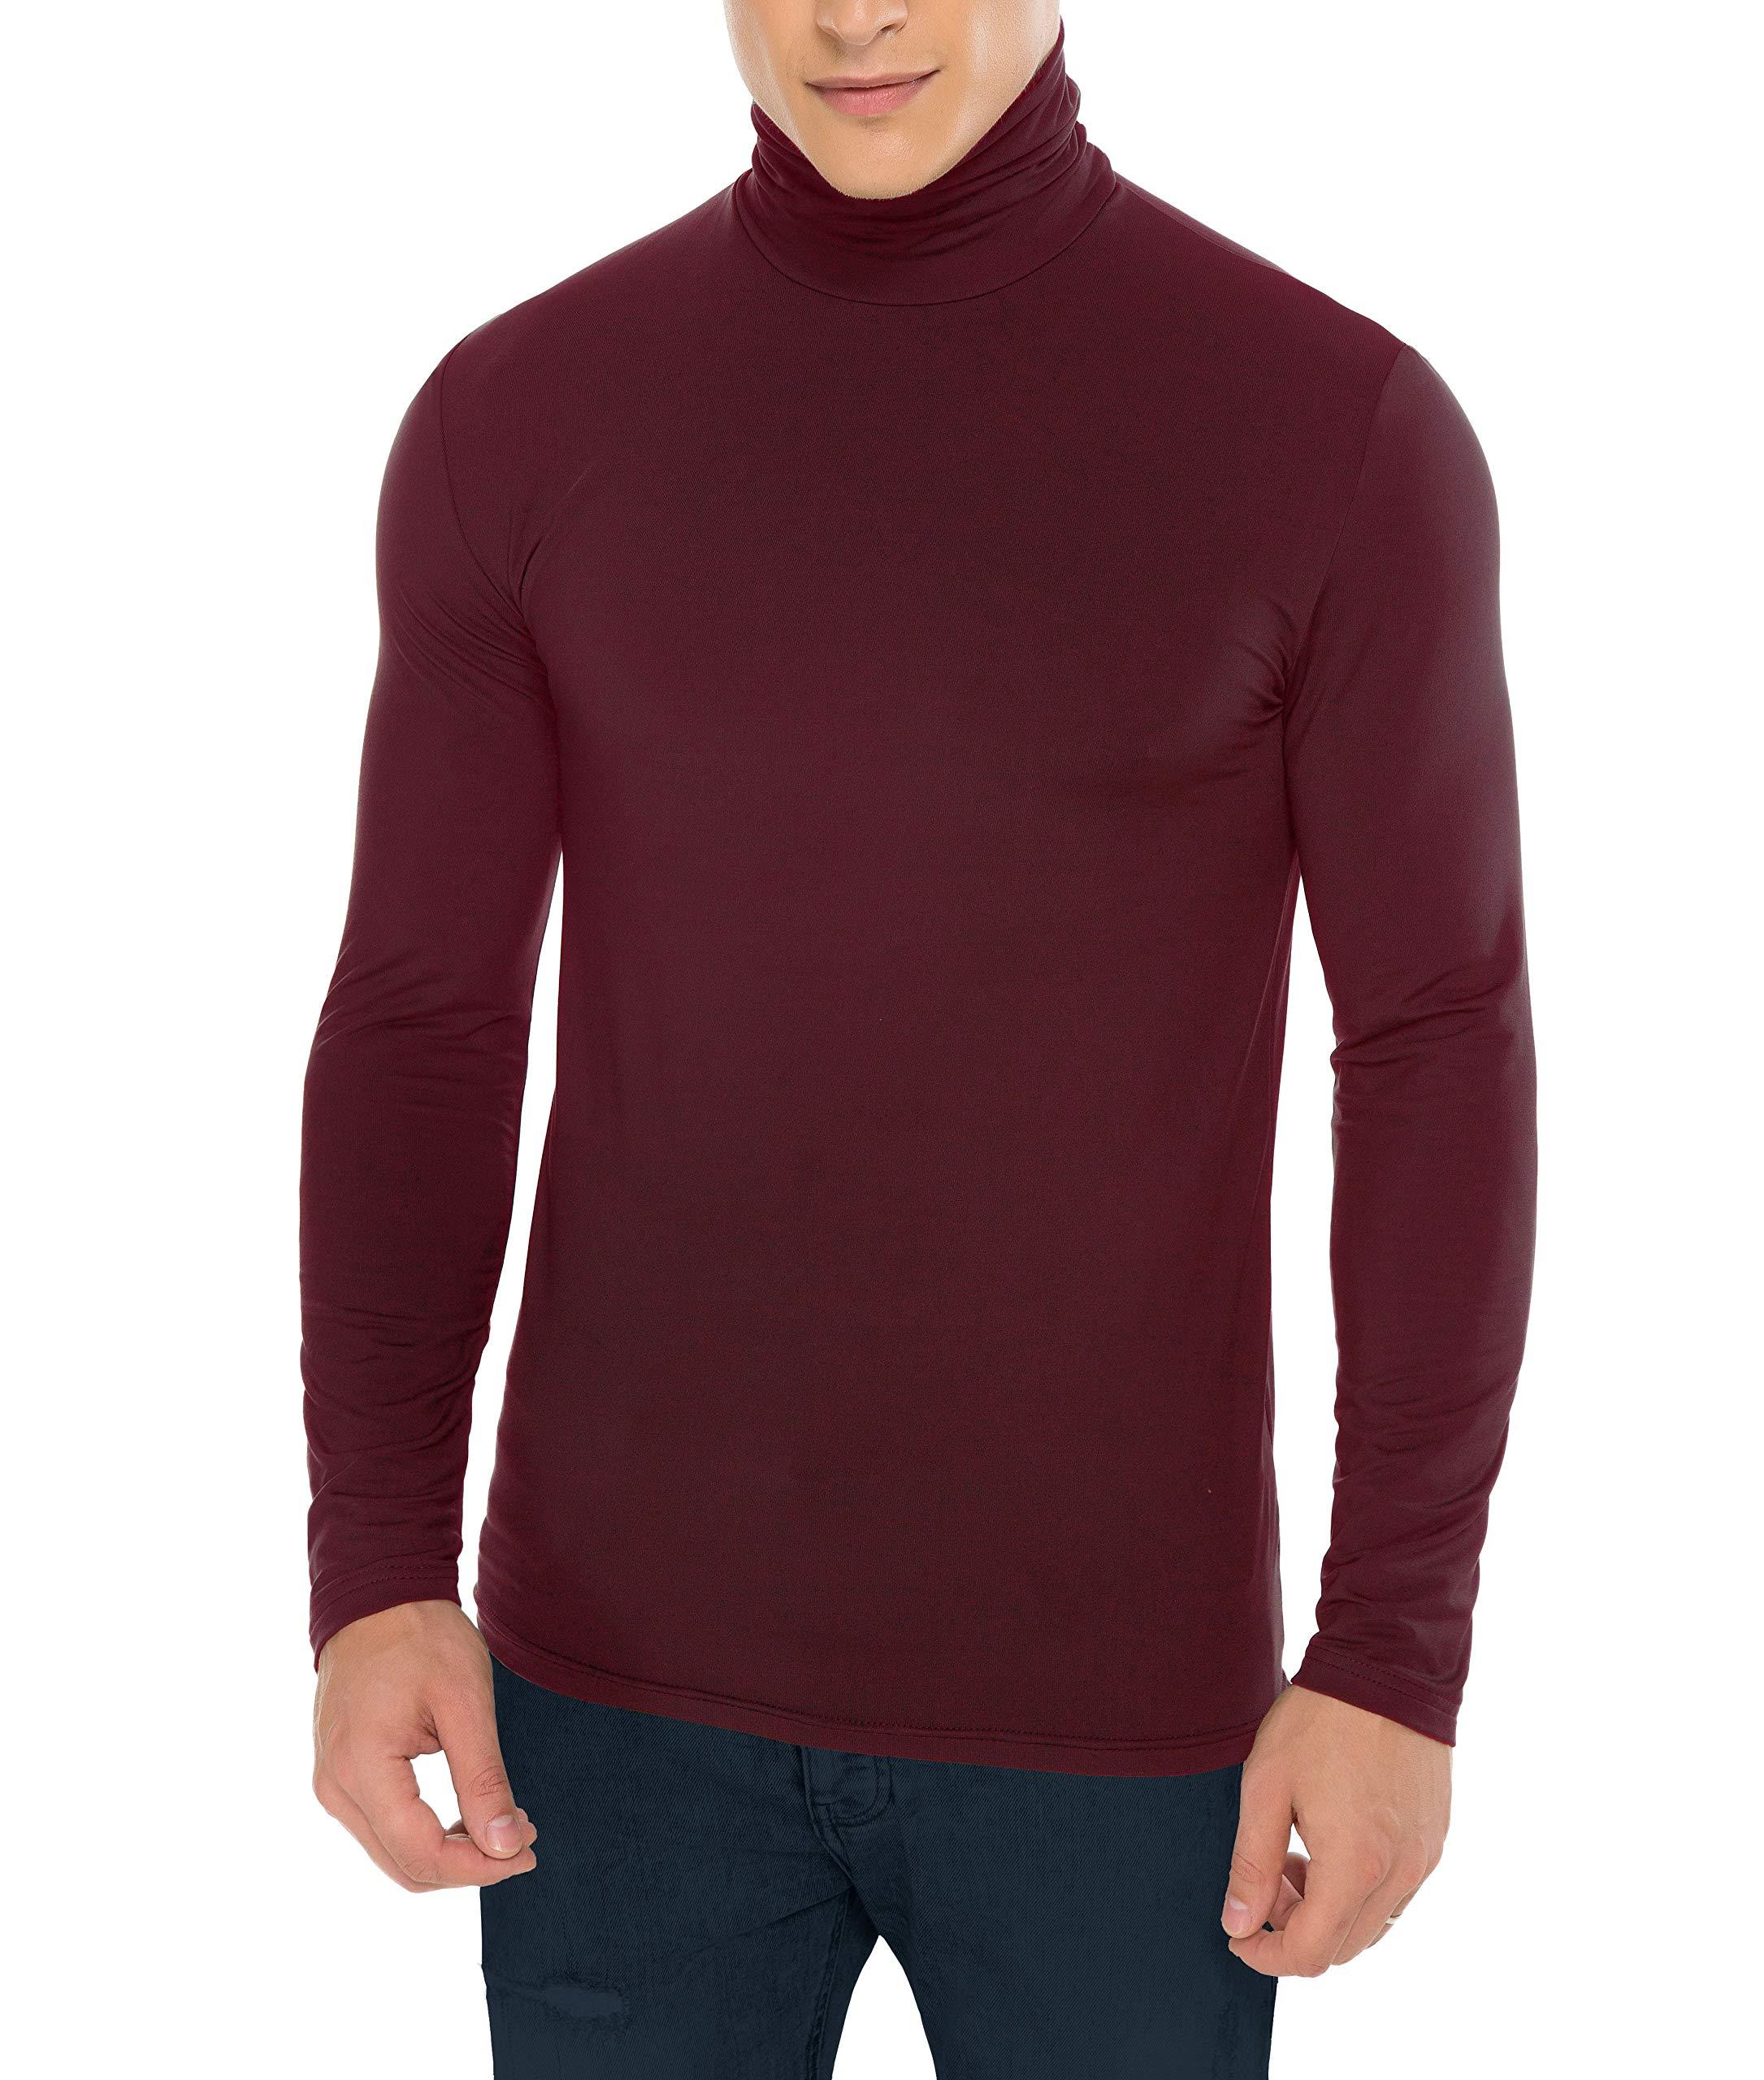 Derminpro Men's Stretchy Turtleneck Long Sleeve Slim Fit Thermal T-Shirt Burgundy Large